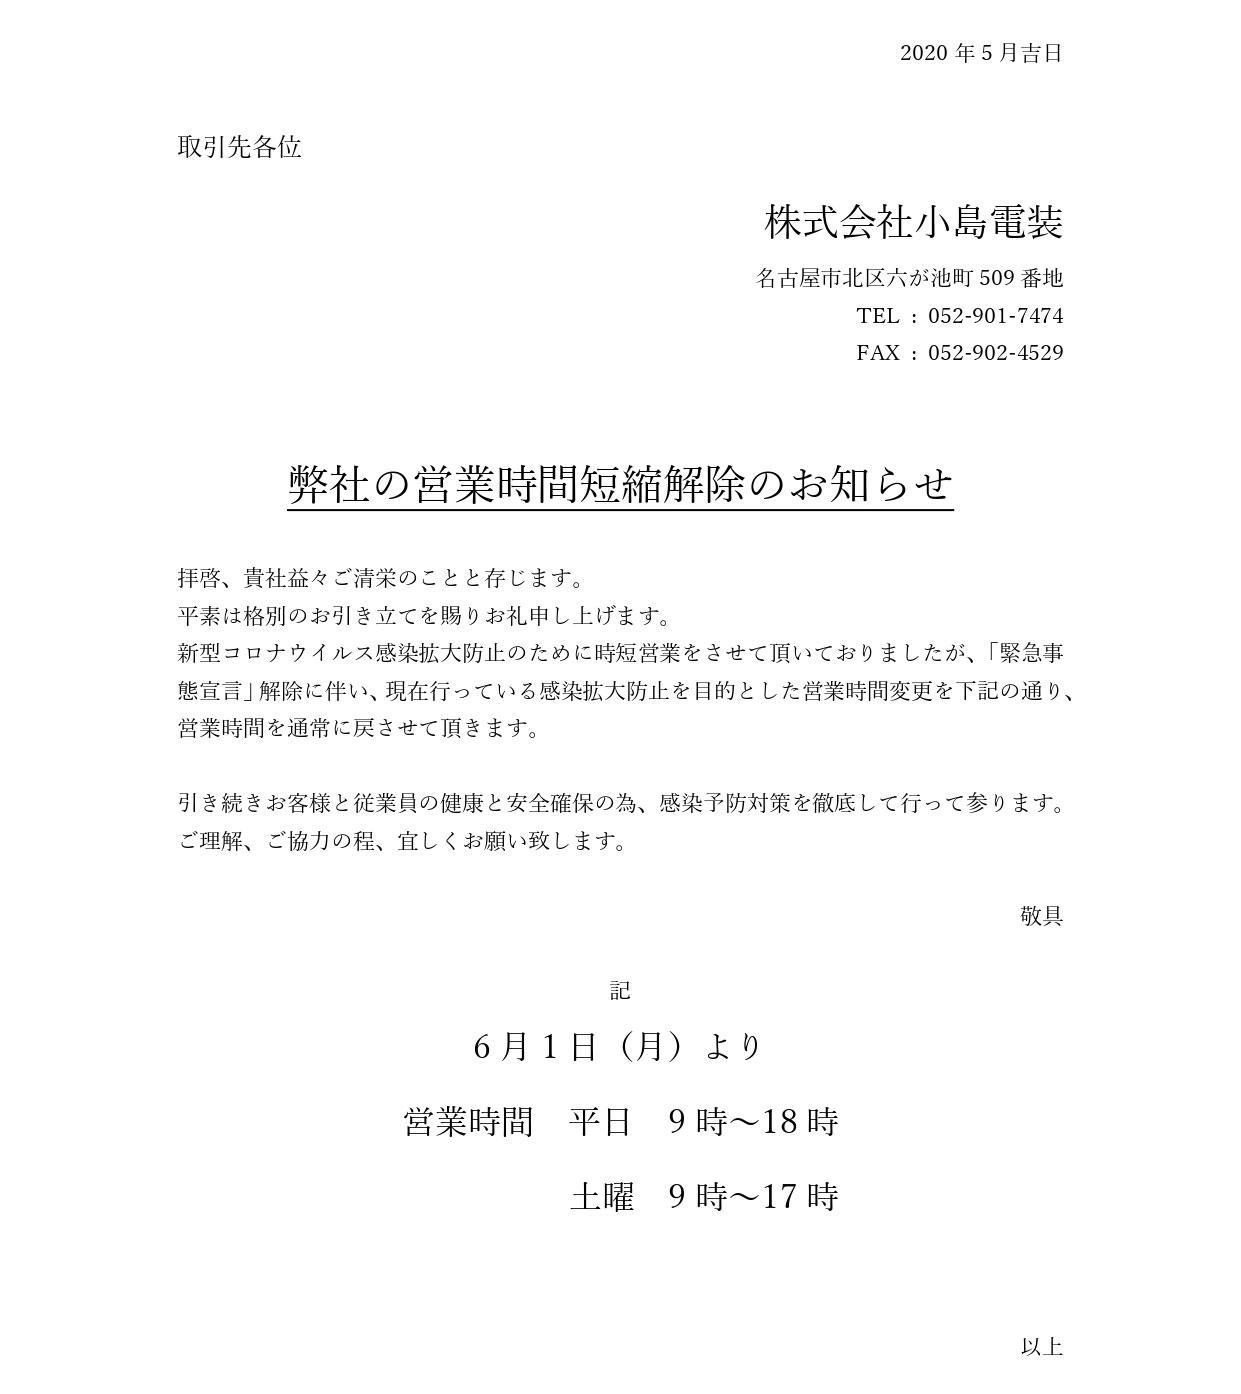 緊急事態宣言解除_page-0001-(1)